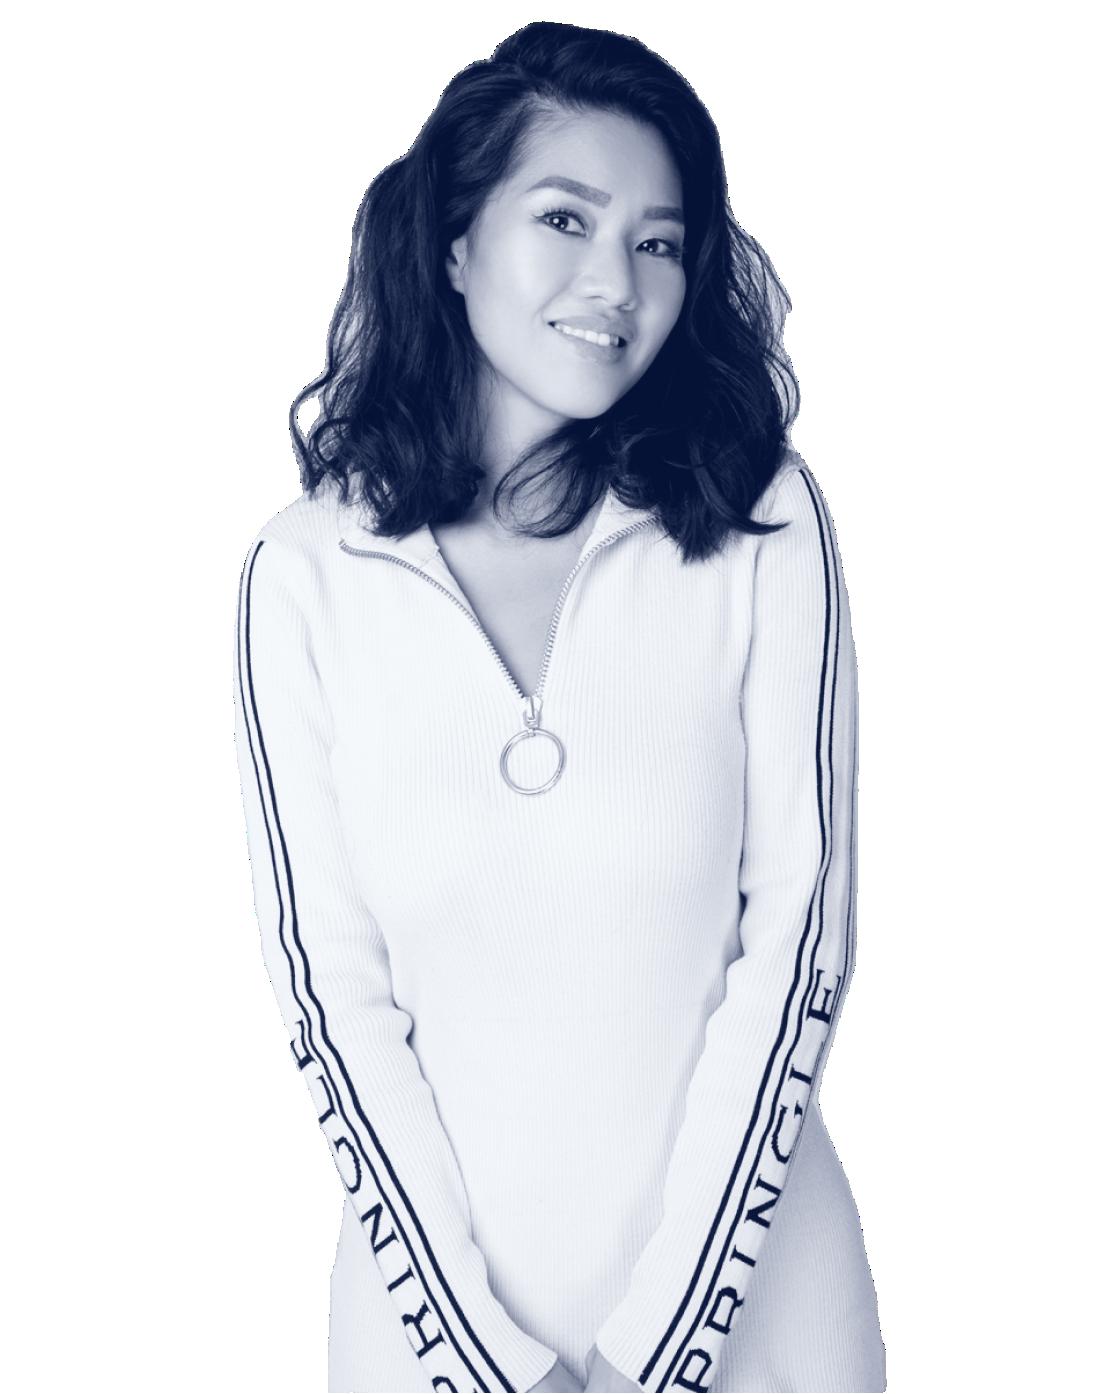 Kirsty Liu